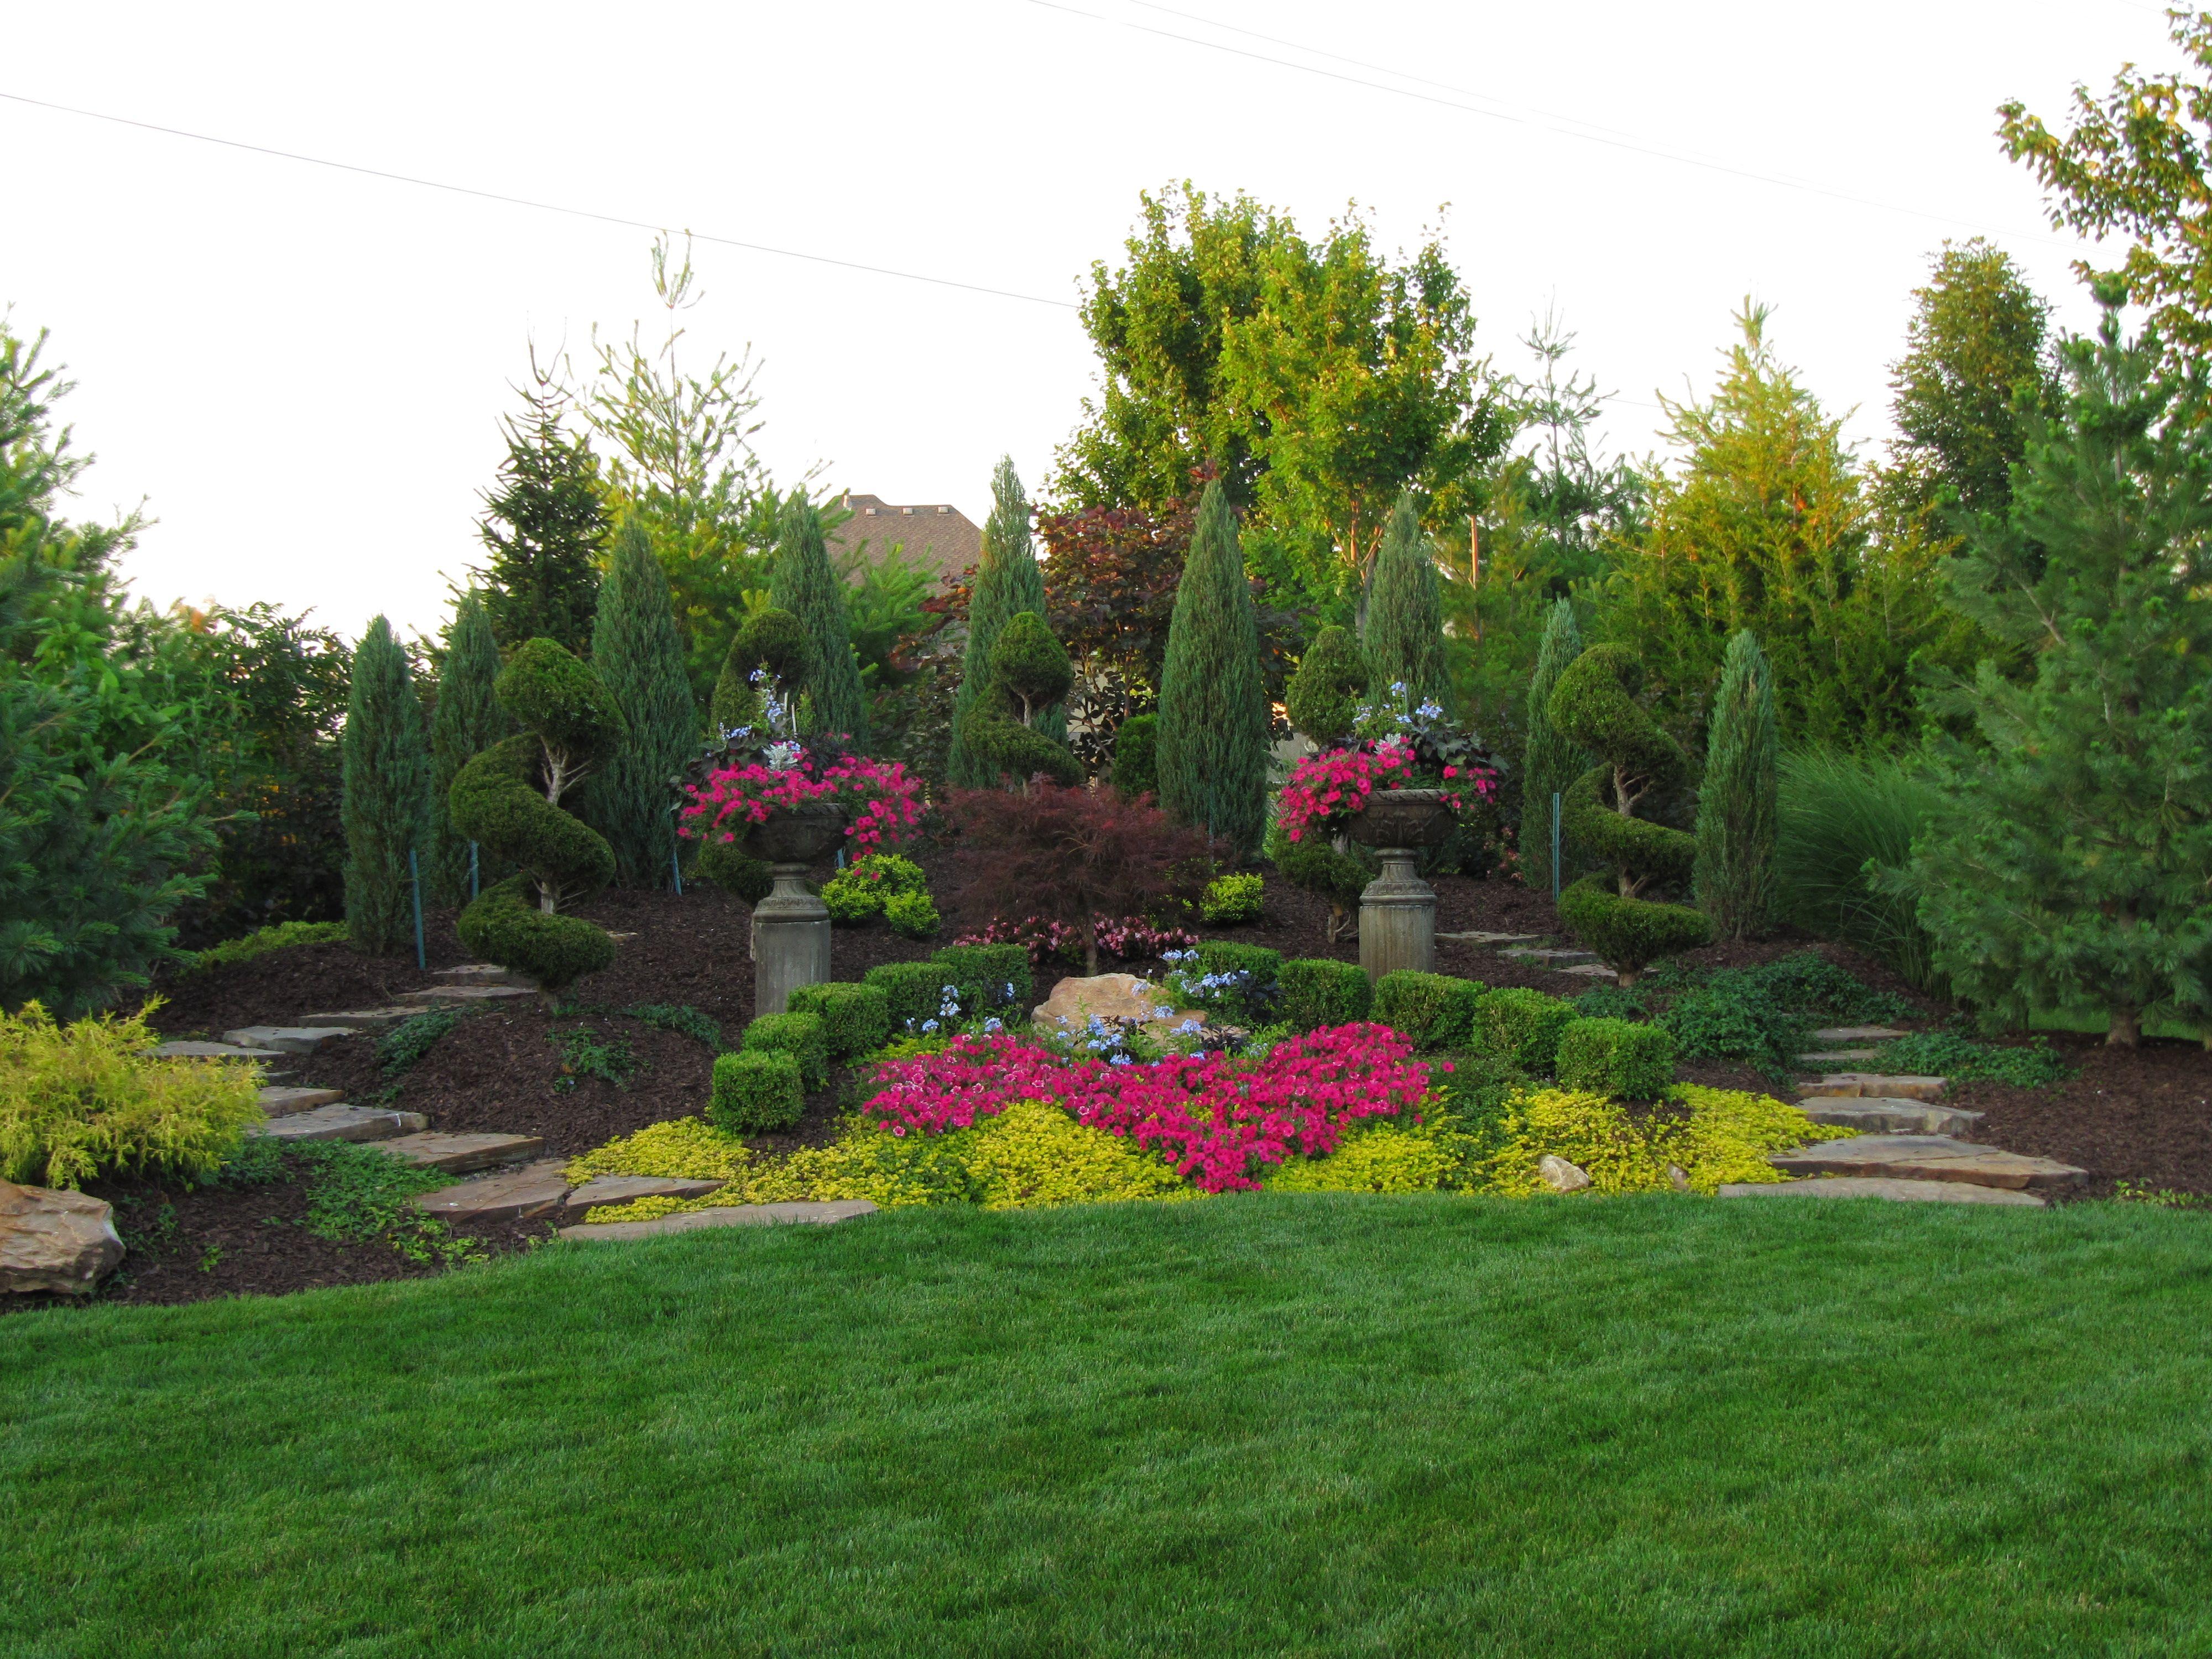 Professional Landscape Design For Homes And Businesses In Kansas City Rose Garden Landscape Landscape Design Garden Landscape Design